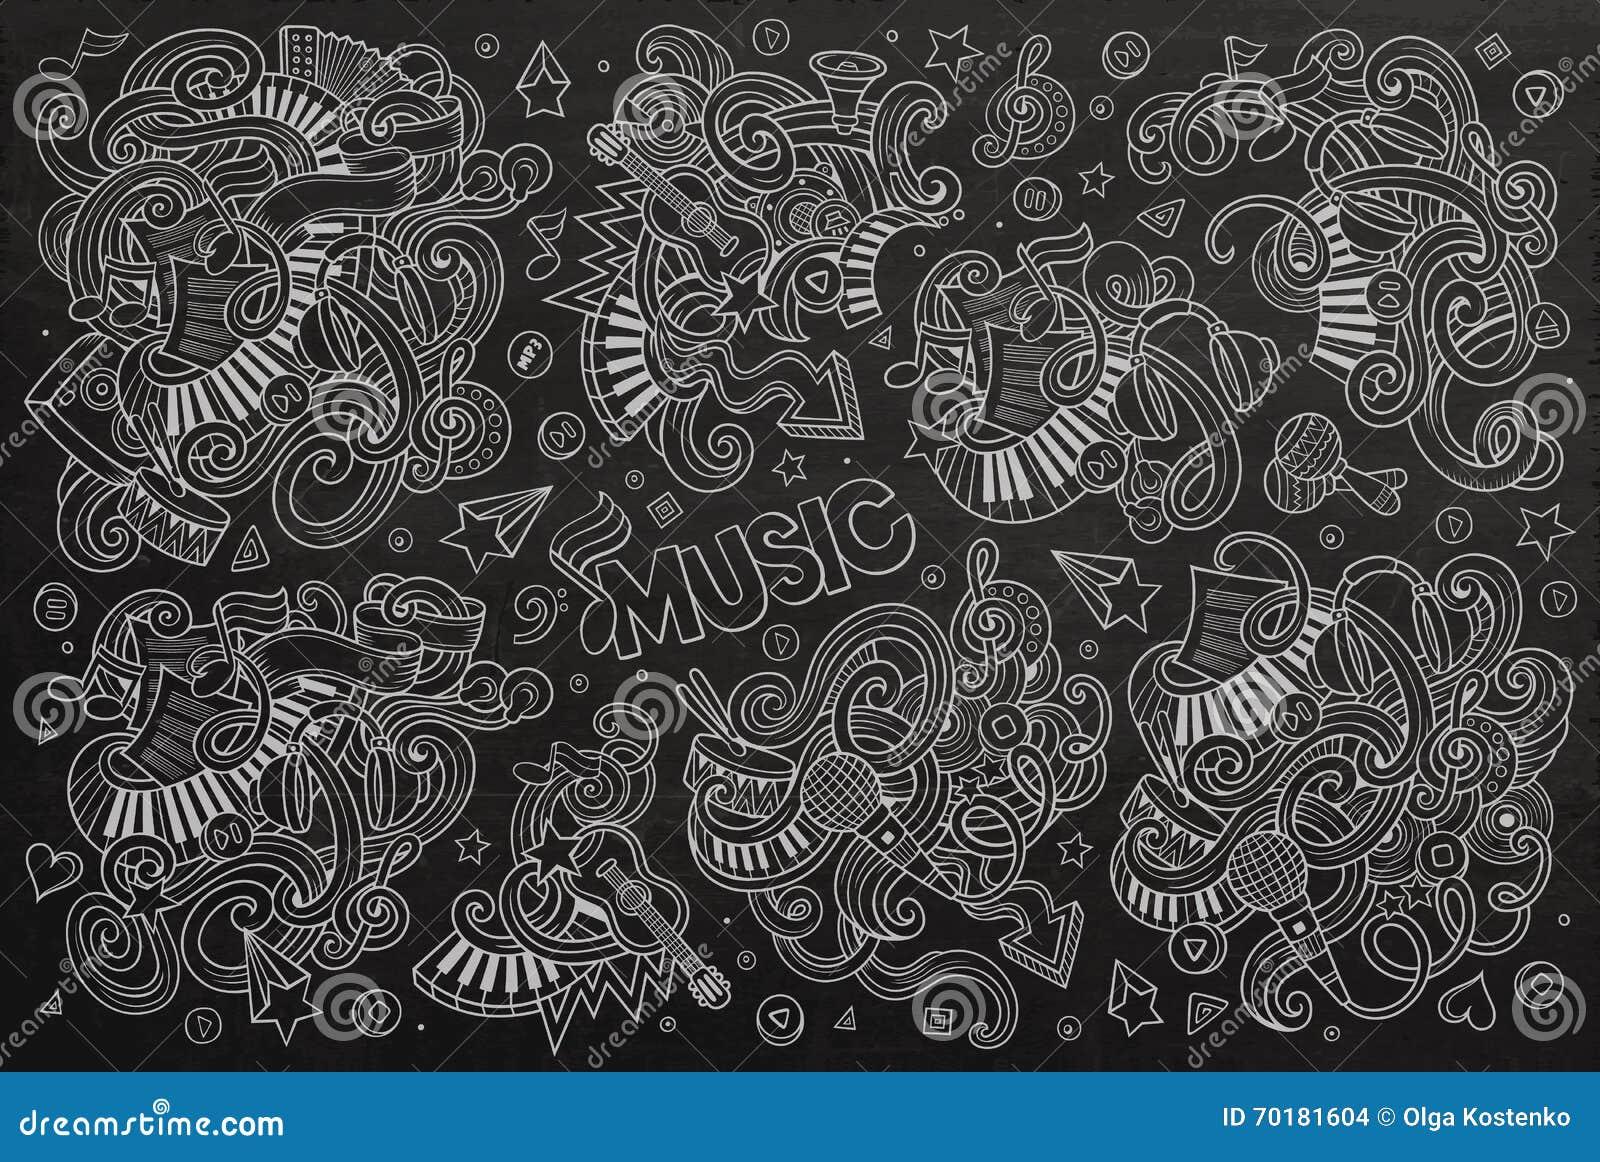 Uppsättning för tecknad film för klotter för svart tavlavektor hand dragen av musikobjekt